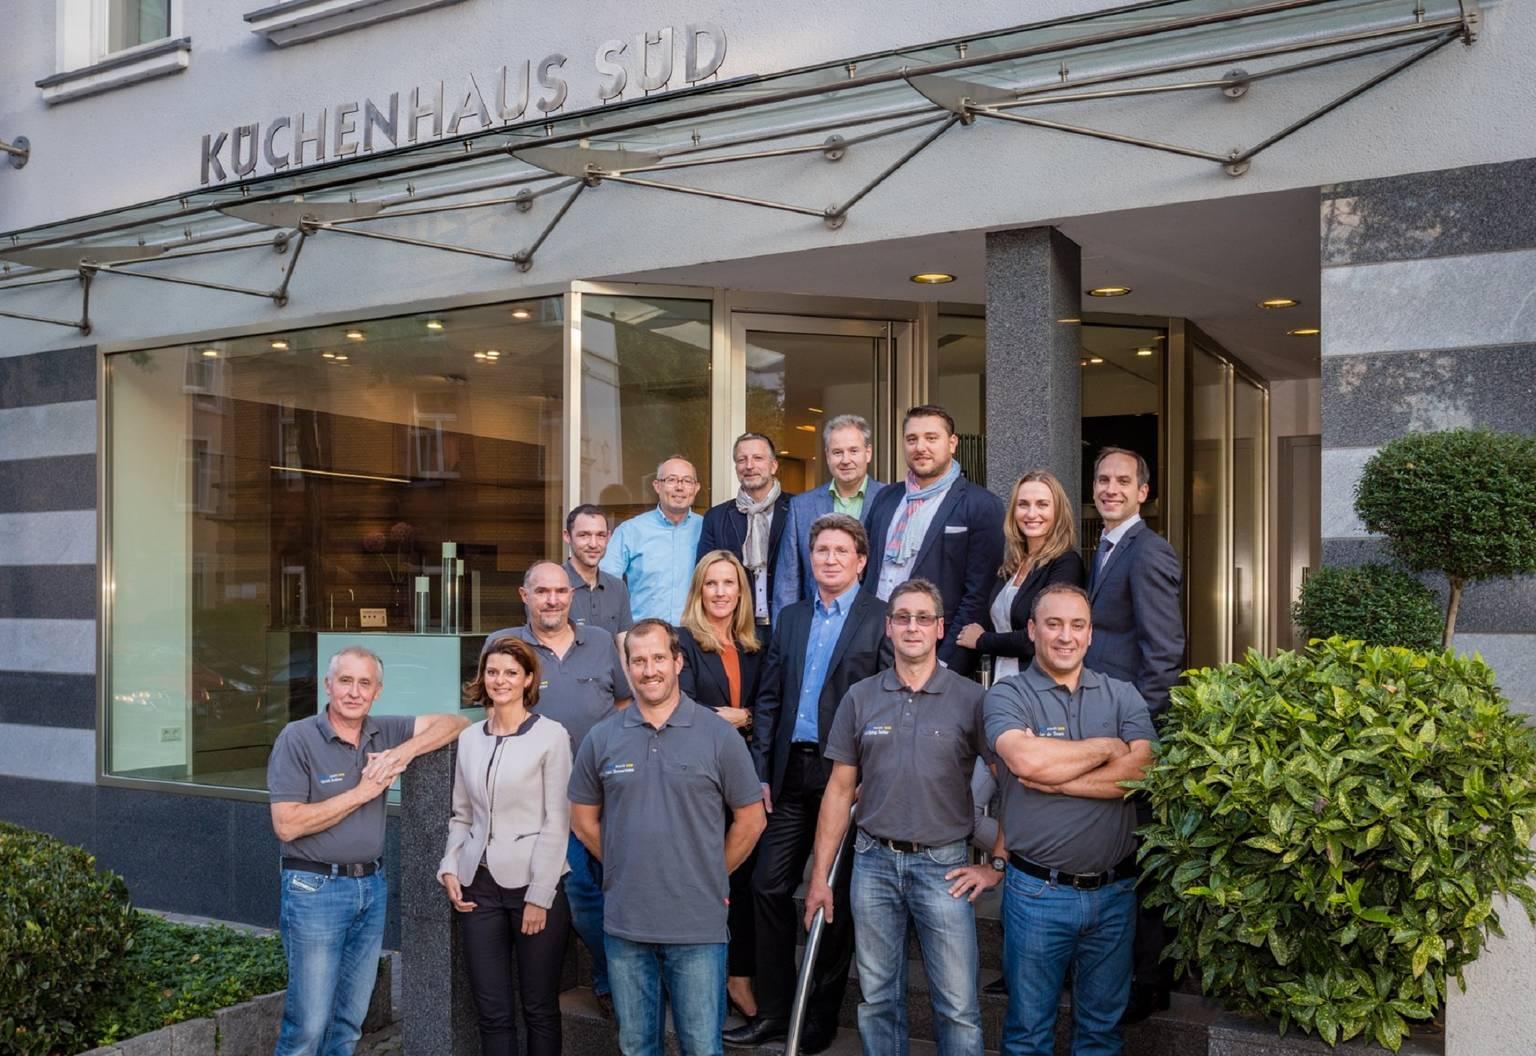 Küchenhaus Süd Küchenstudio in Frankfurt SieMatic com~ Kochinsel Glas